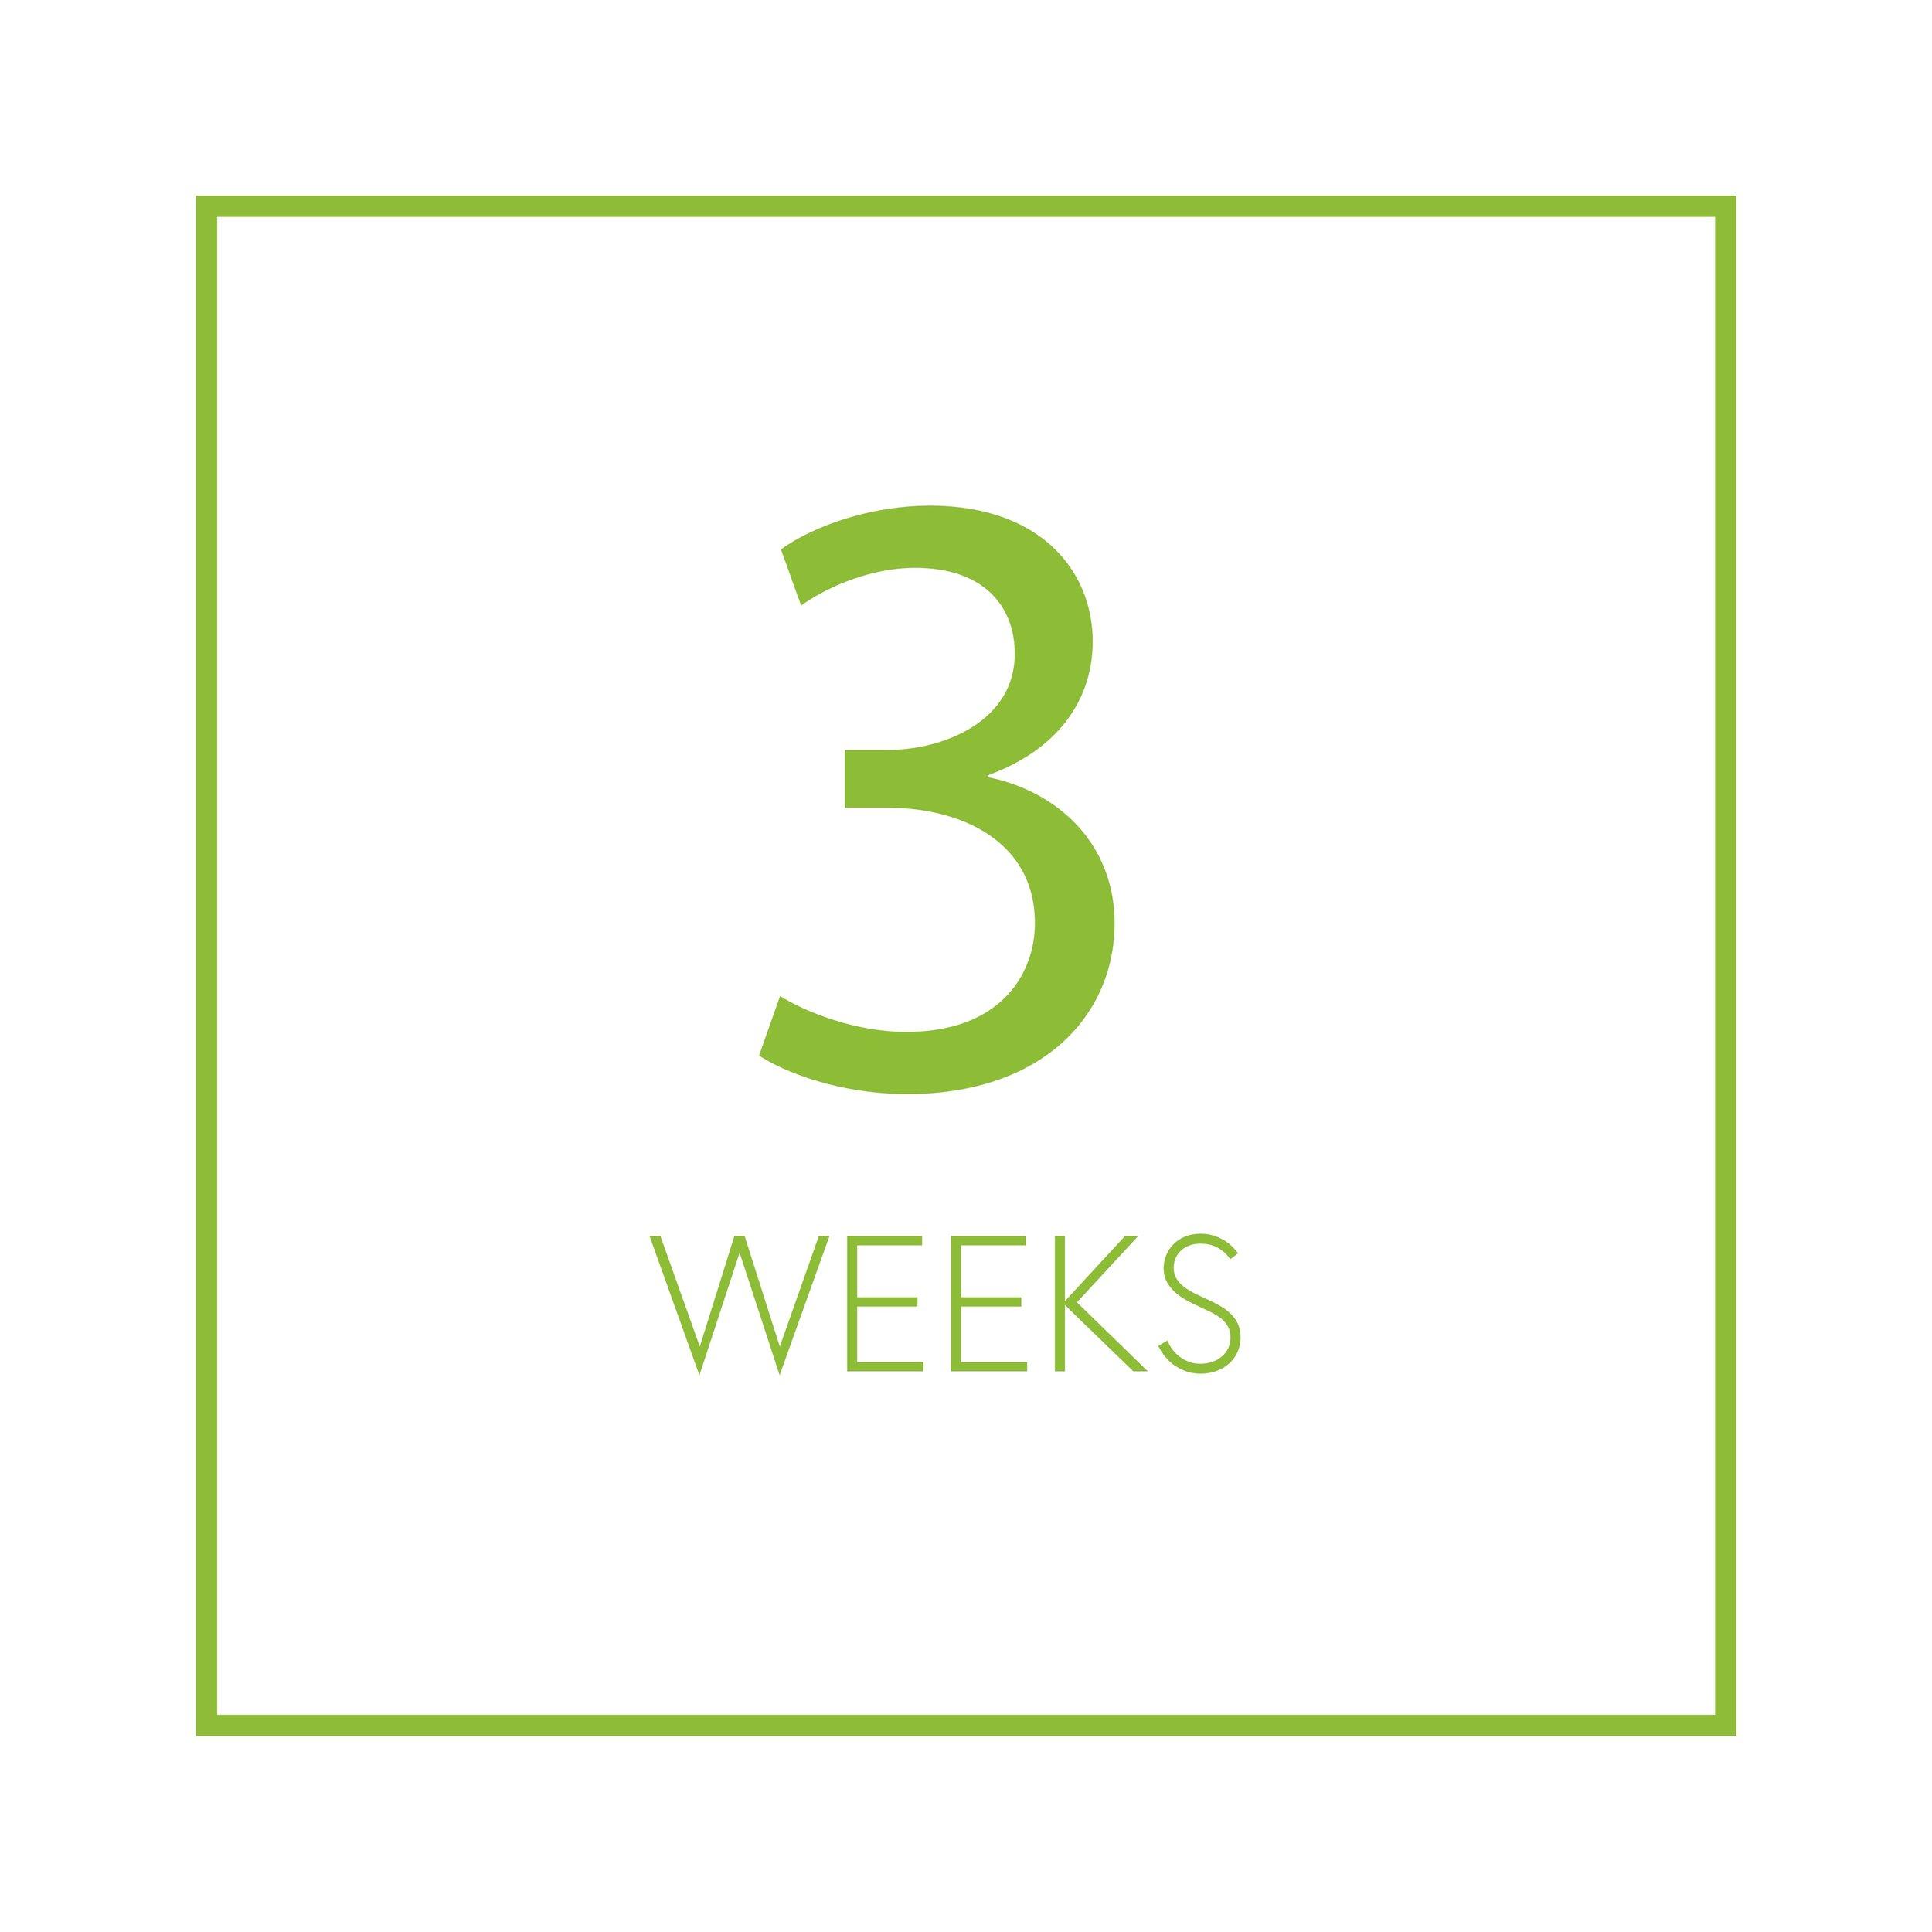 3 weeks.jpg